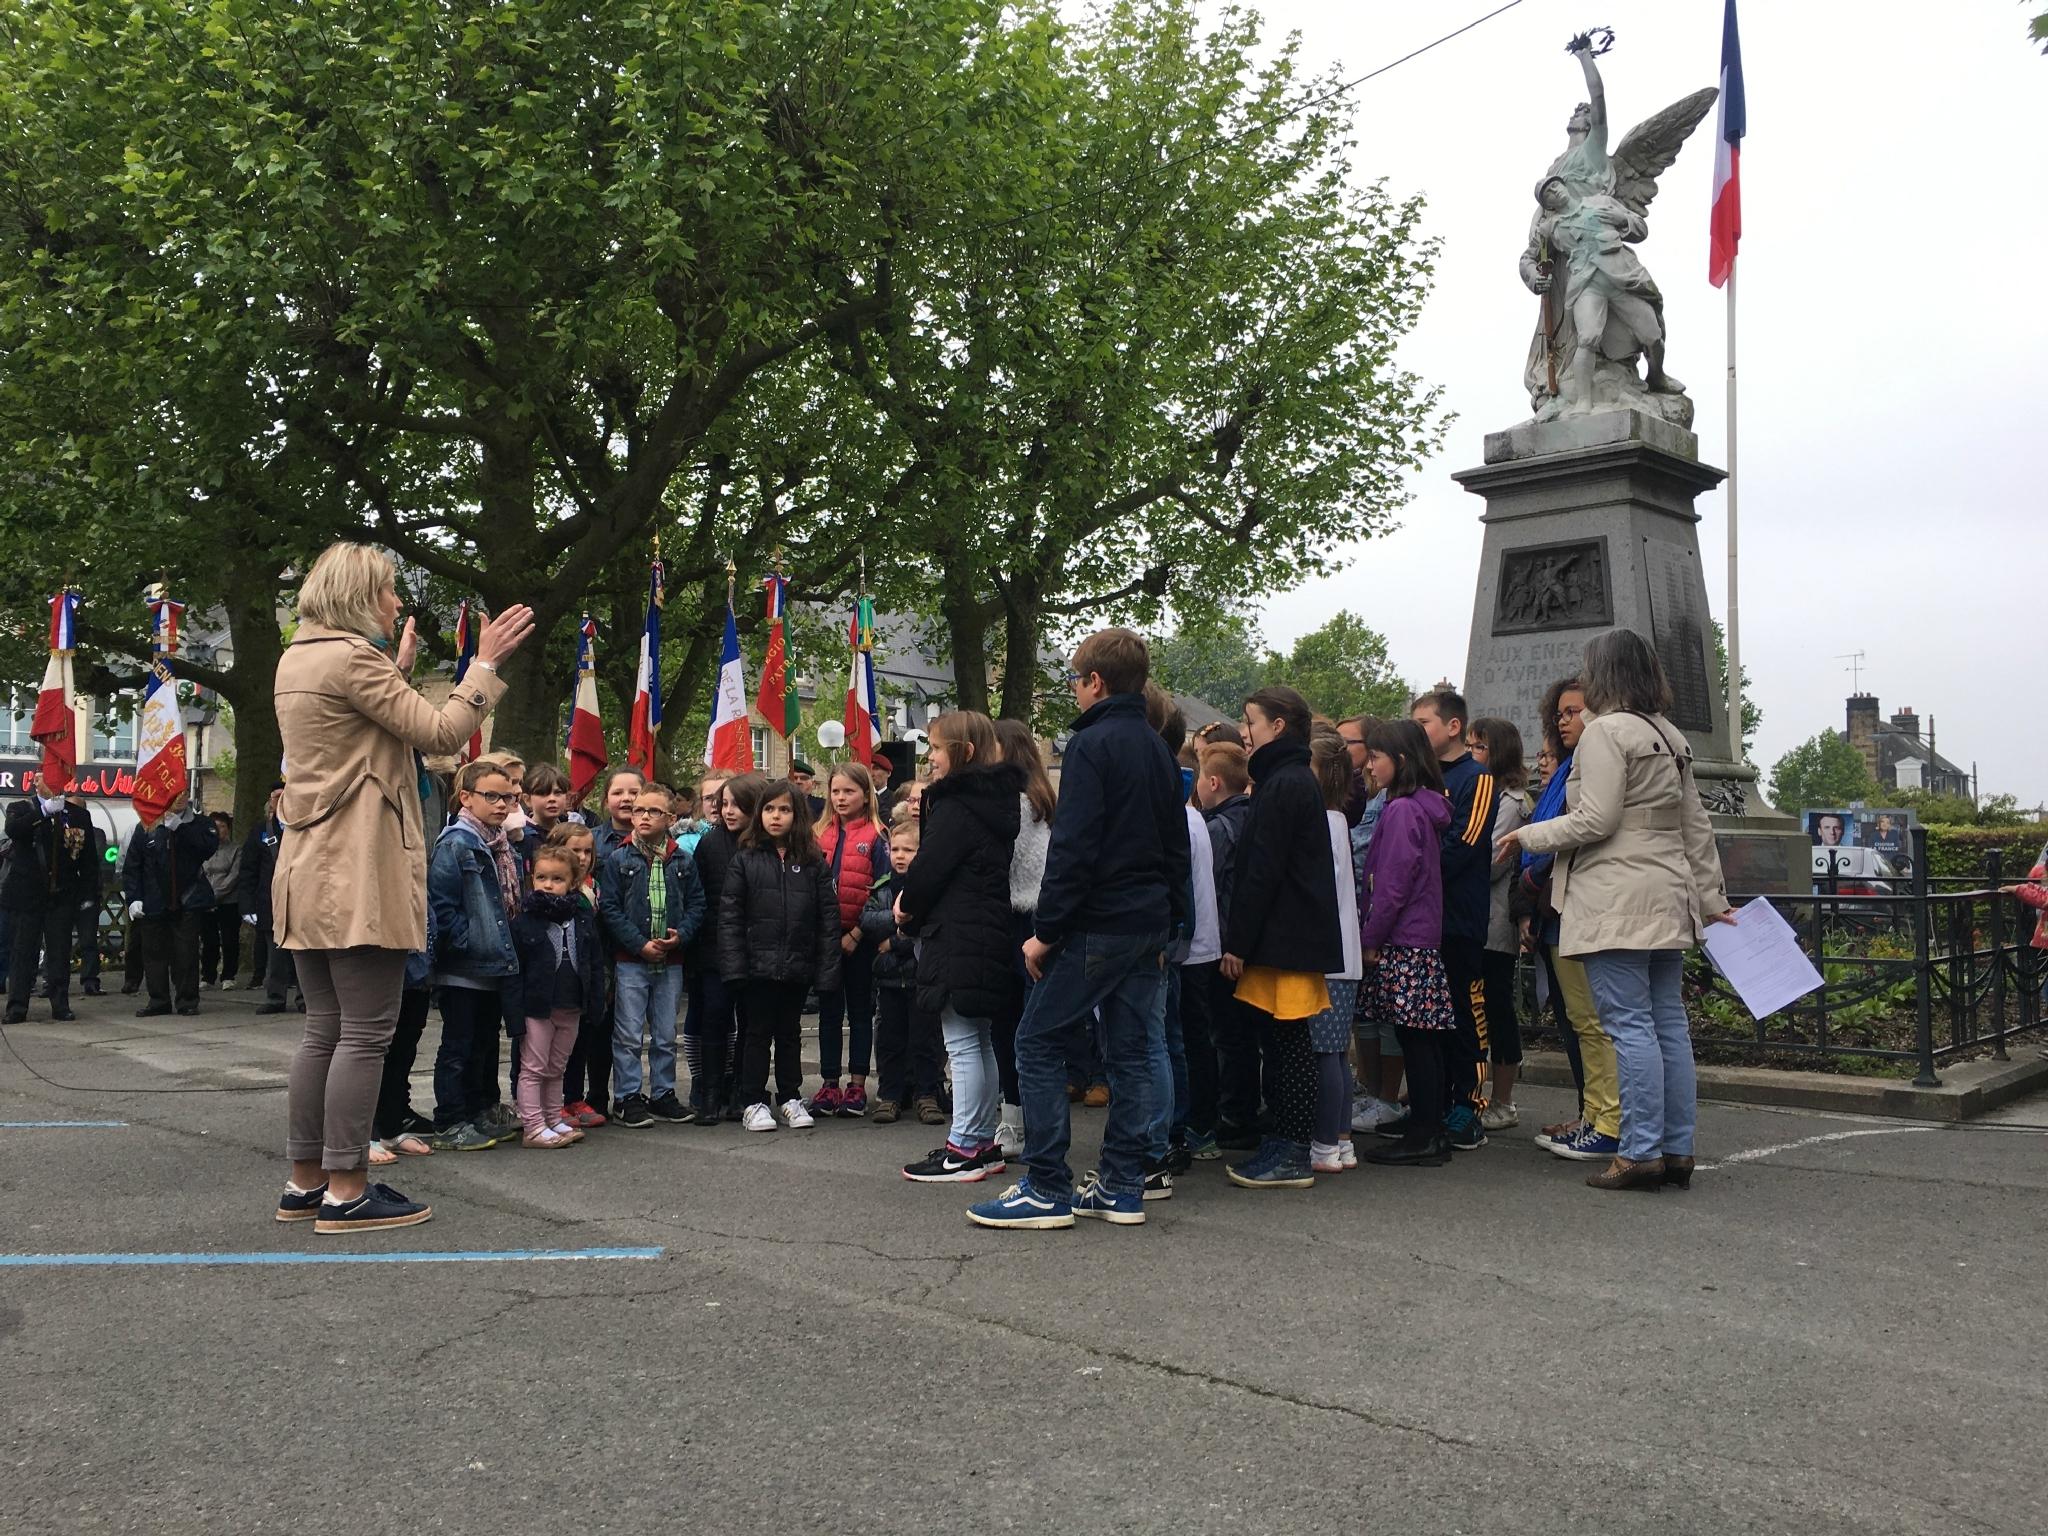 72ème anniversaire de la Victoire du 8 mai 1945 à Avranches | lundi 8 mai 2017 | les vidéos et photos de la cérémonie